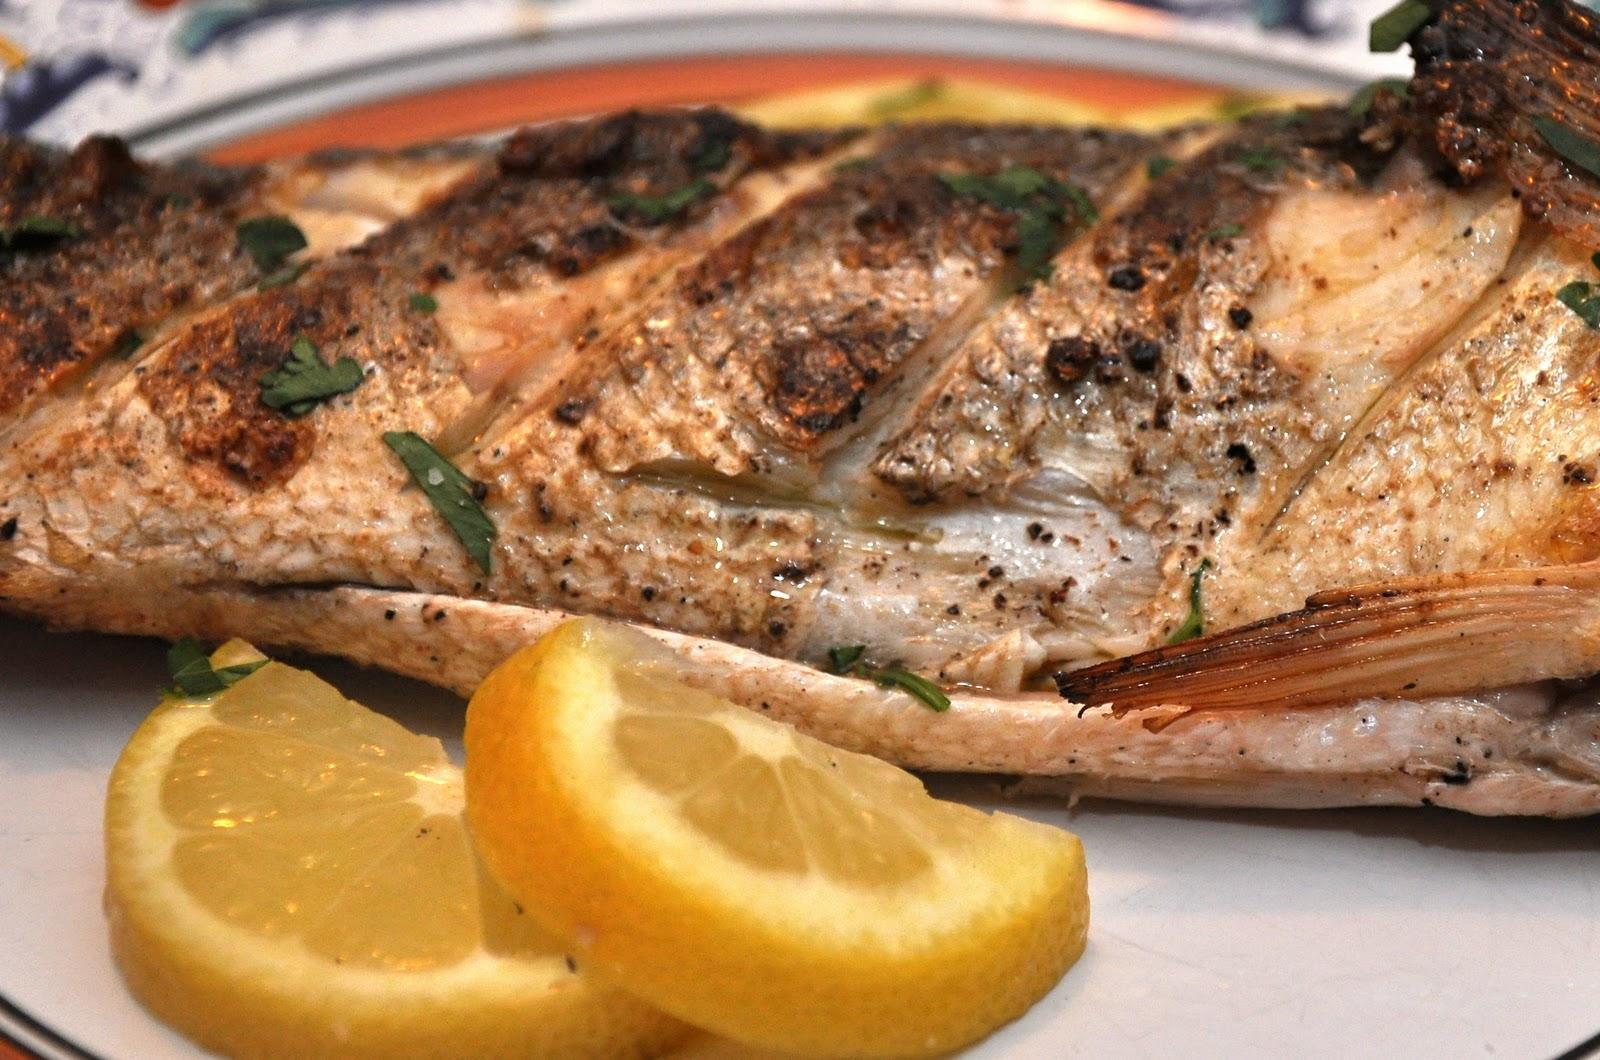 Memorie di angelina pesce alla griglia for What is branzino fish